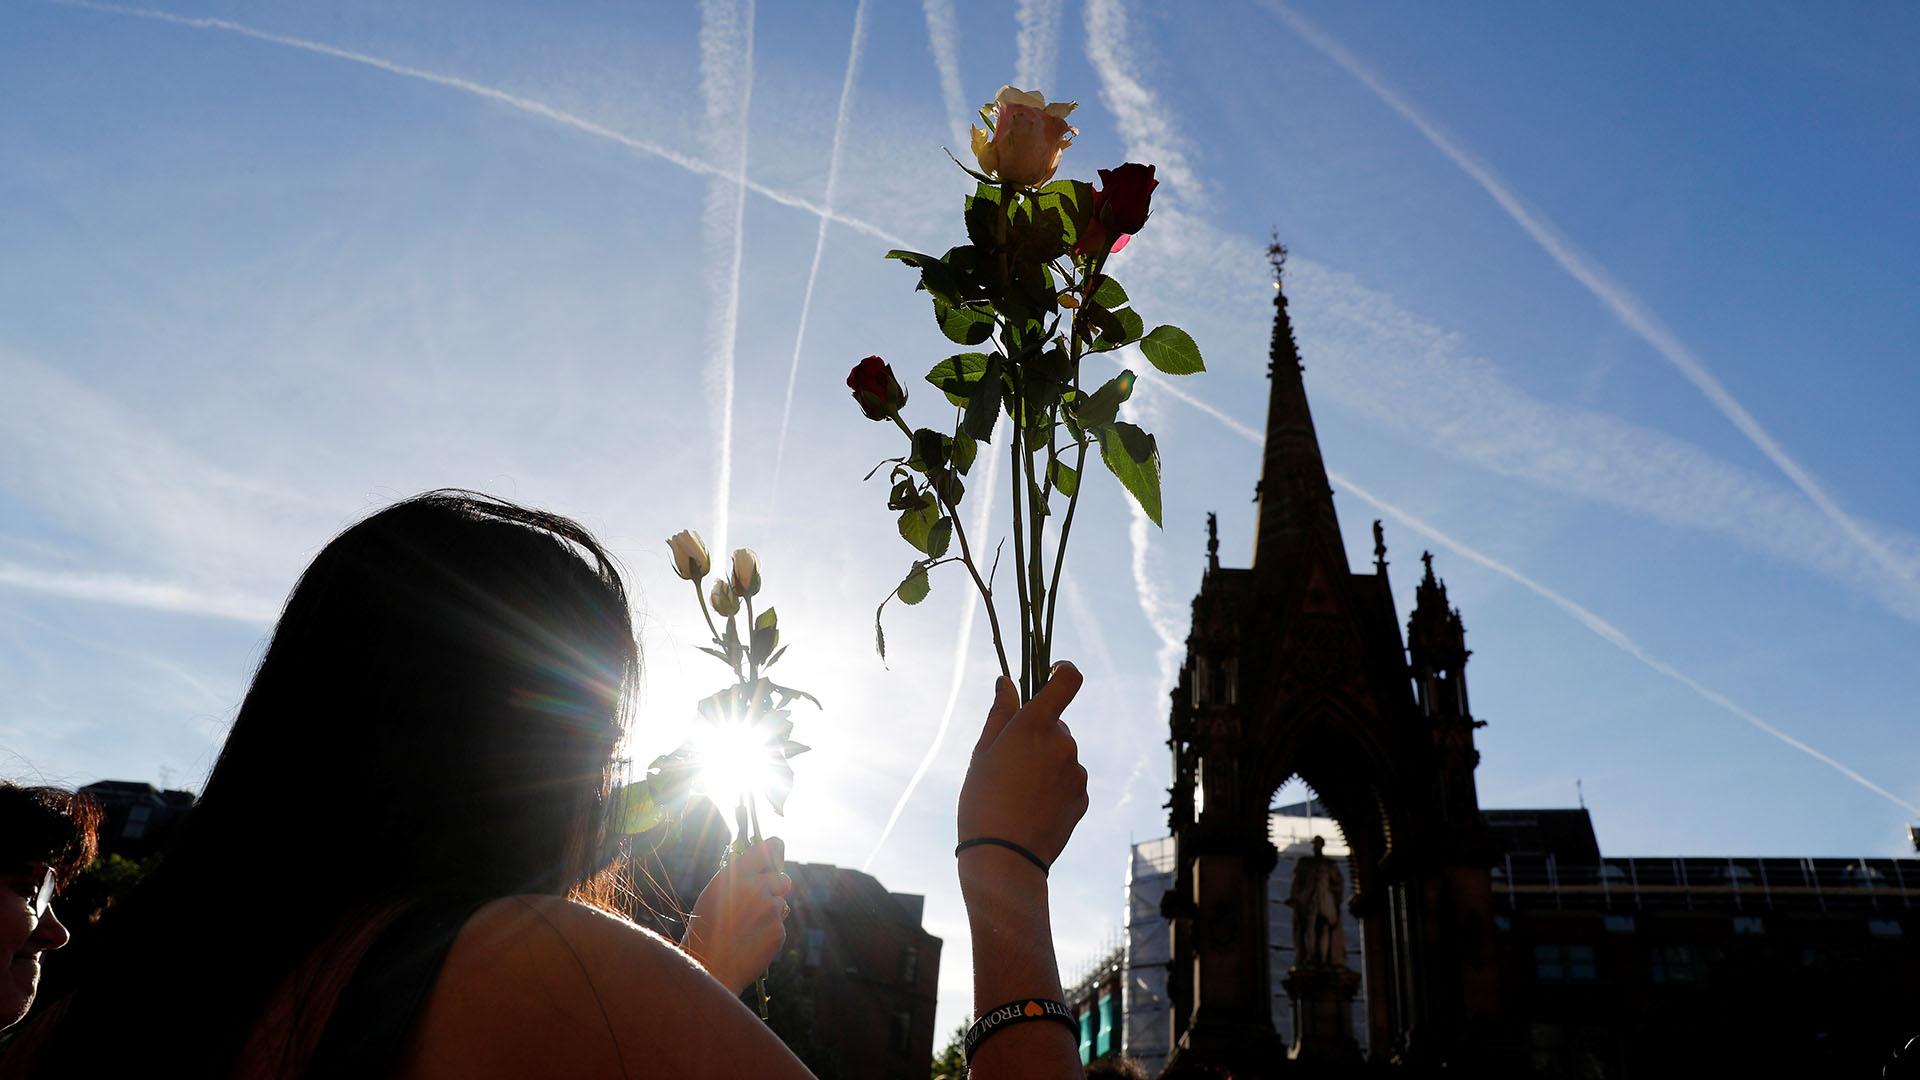 Una mujer sostiene un ramos de flores en medio de la vigilia (REUTERS)